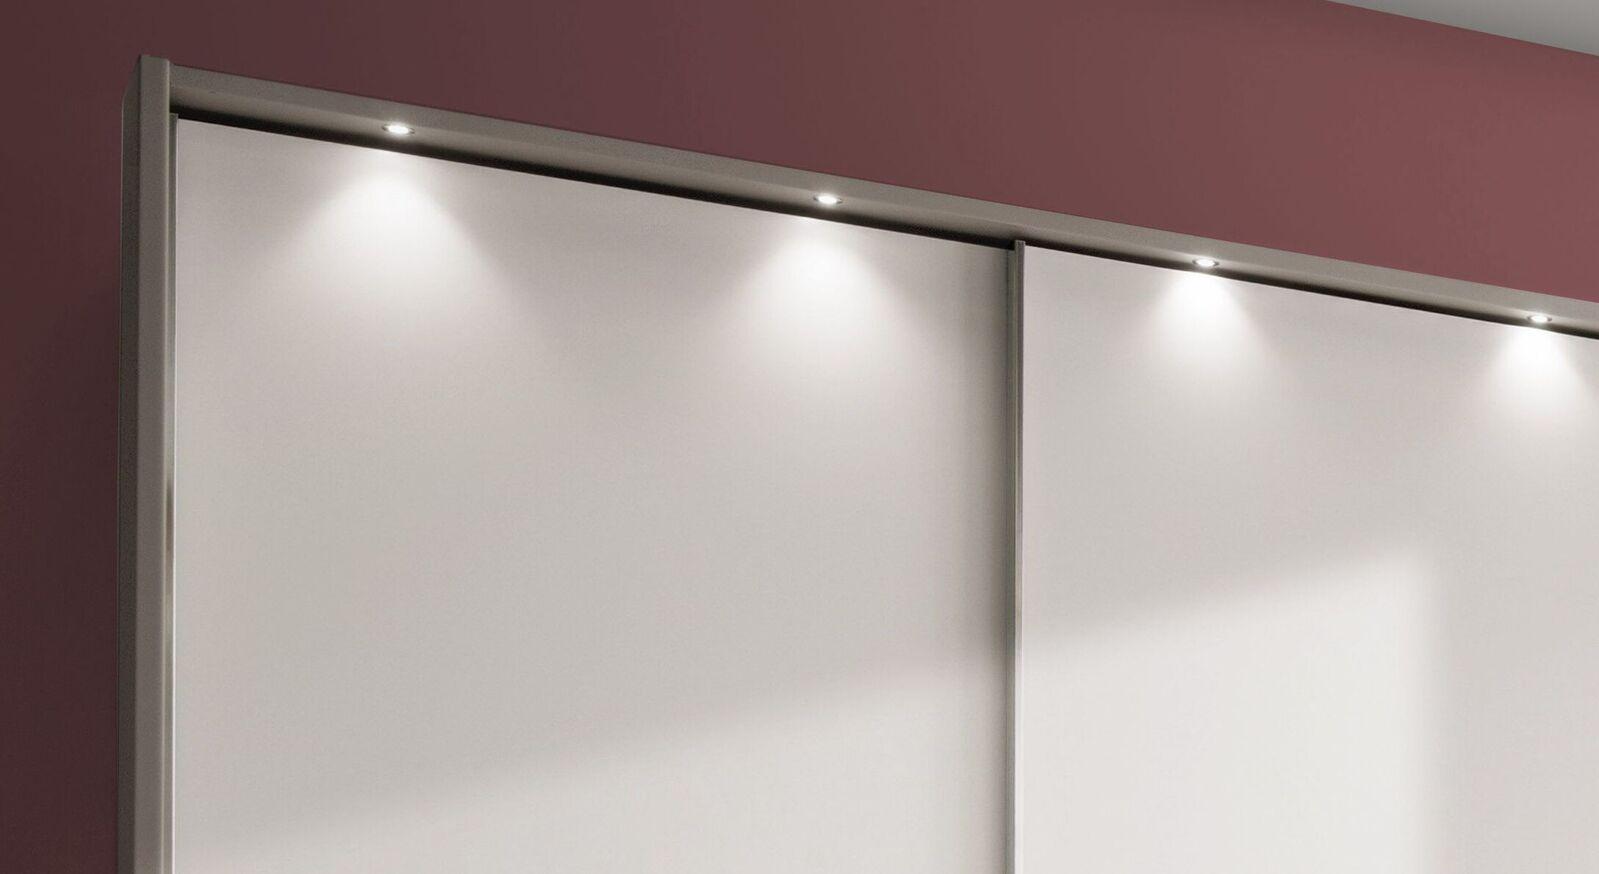 Schwebetüren-Kleiderschrank Tulsa mit LED-Beleuchtung